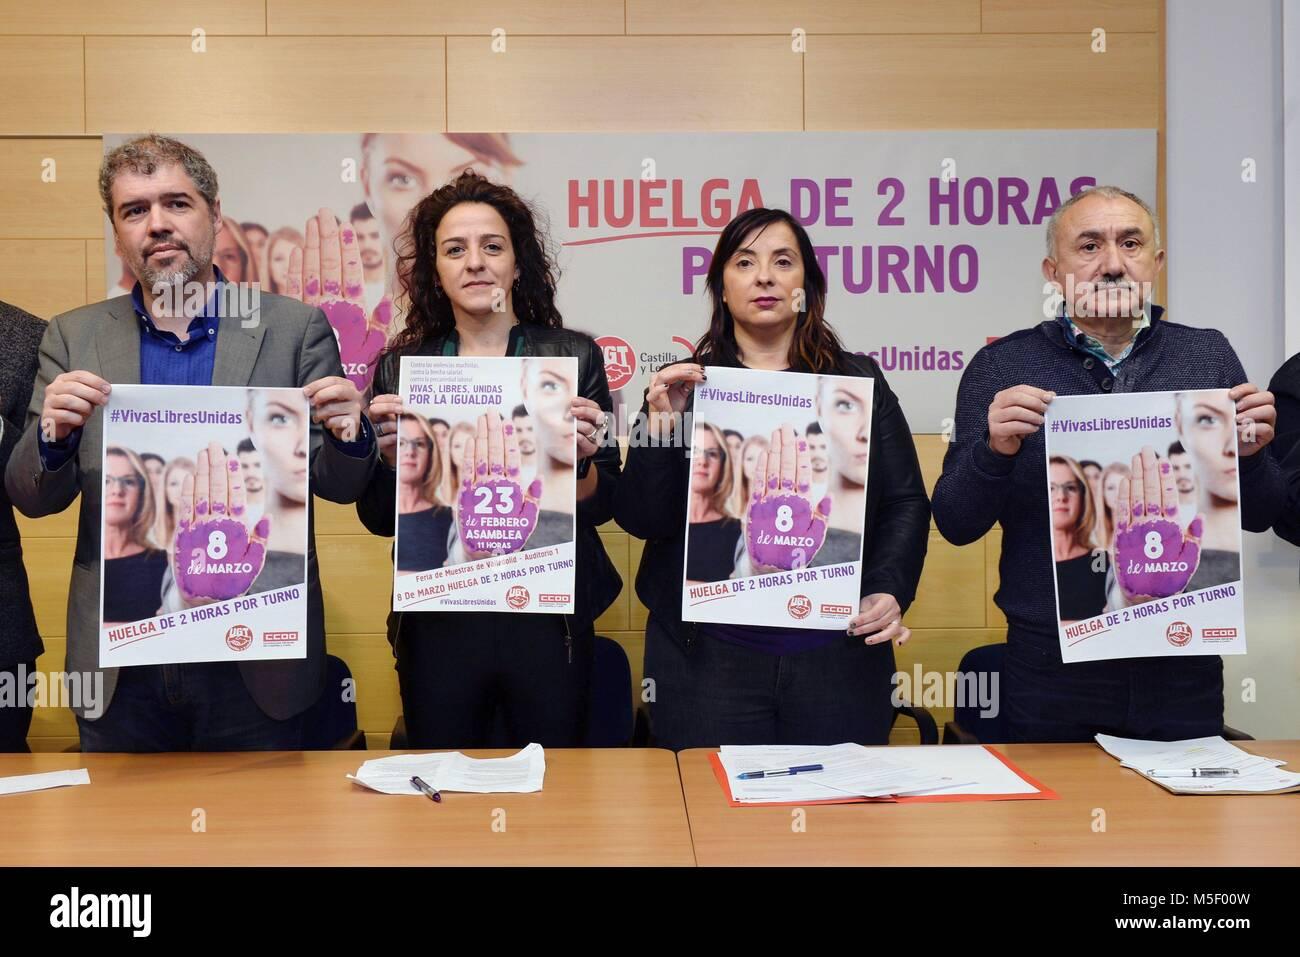 Valladolid, Spagna. Il 23 febbraio, 2018. Il segretario generale delle Comisiones Obreras (CCOO) unione, Unai Sordo Immagini Stock